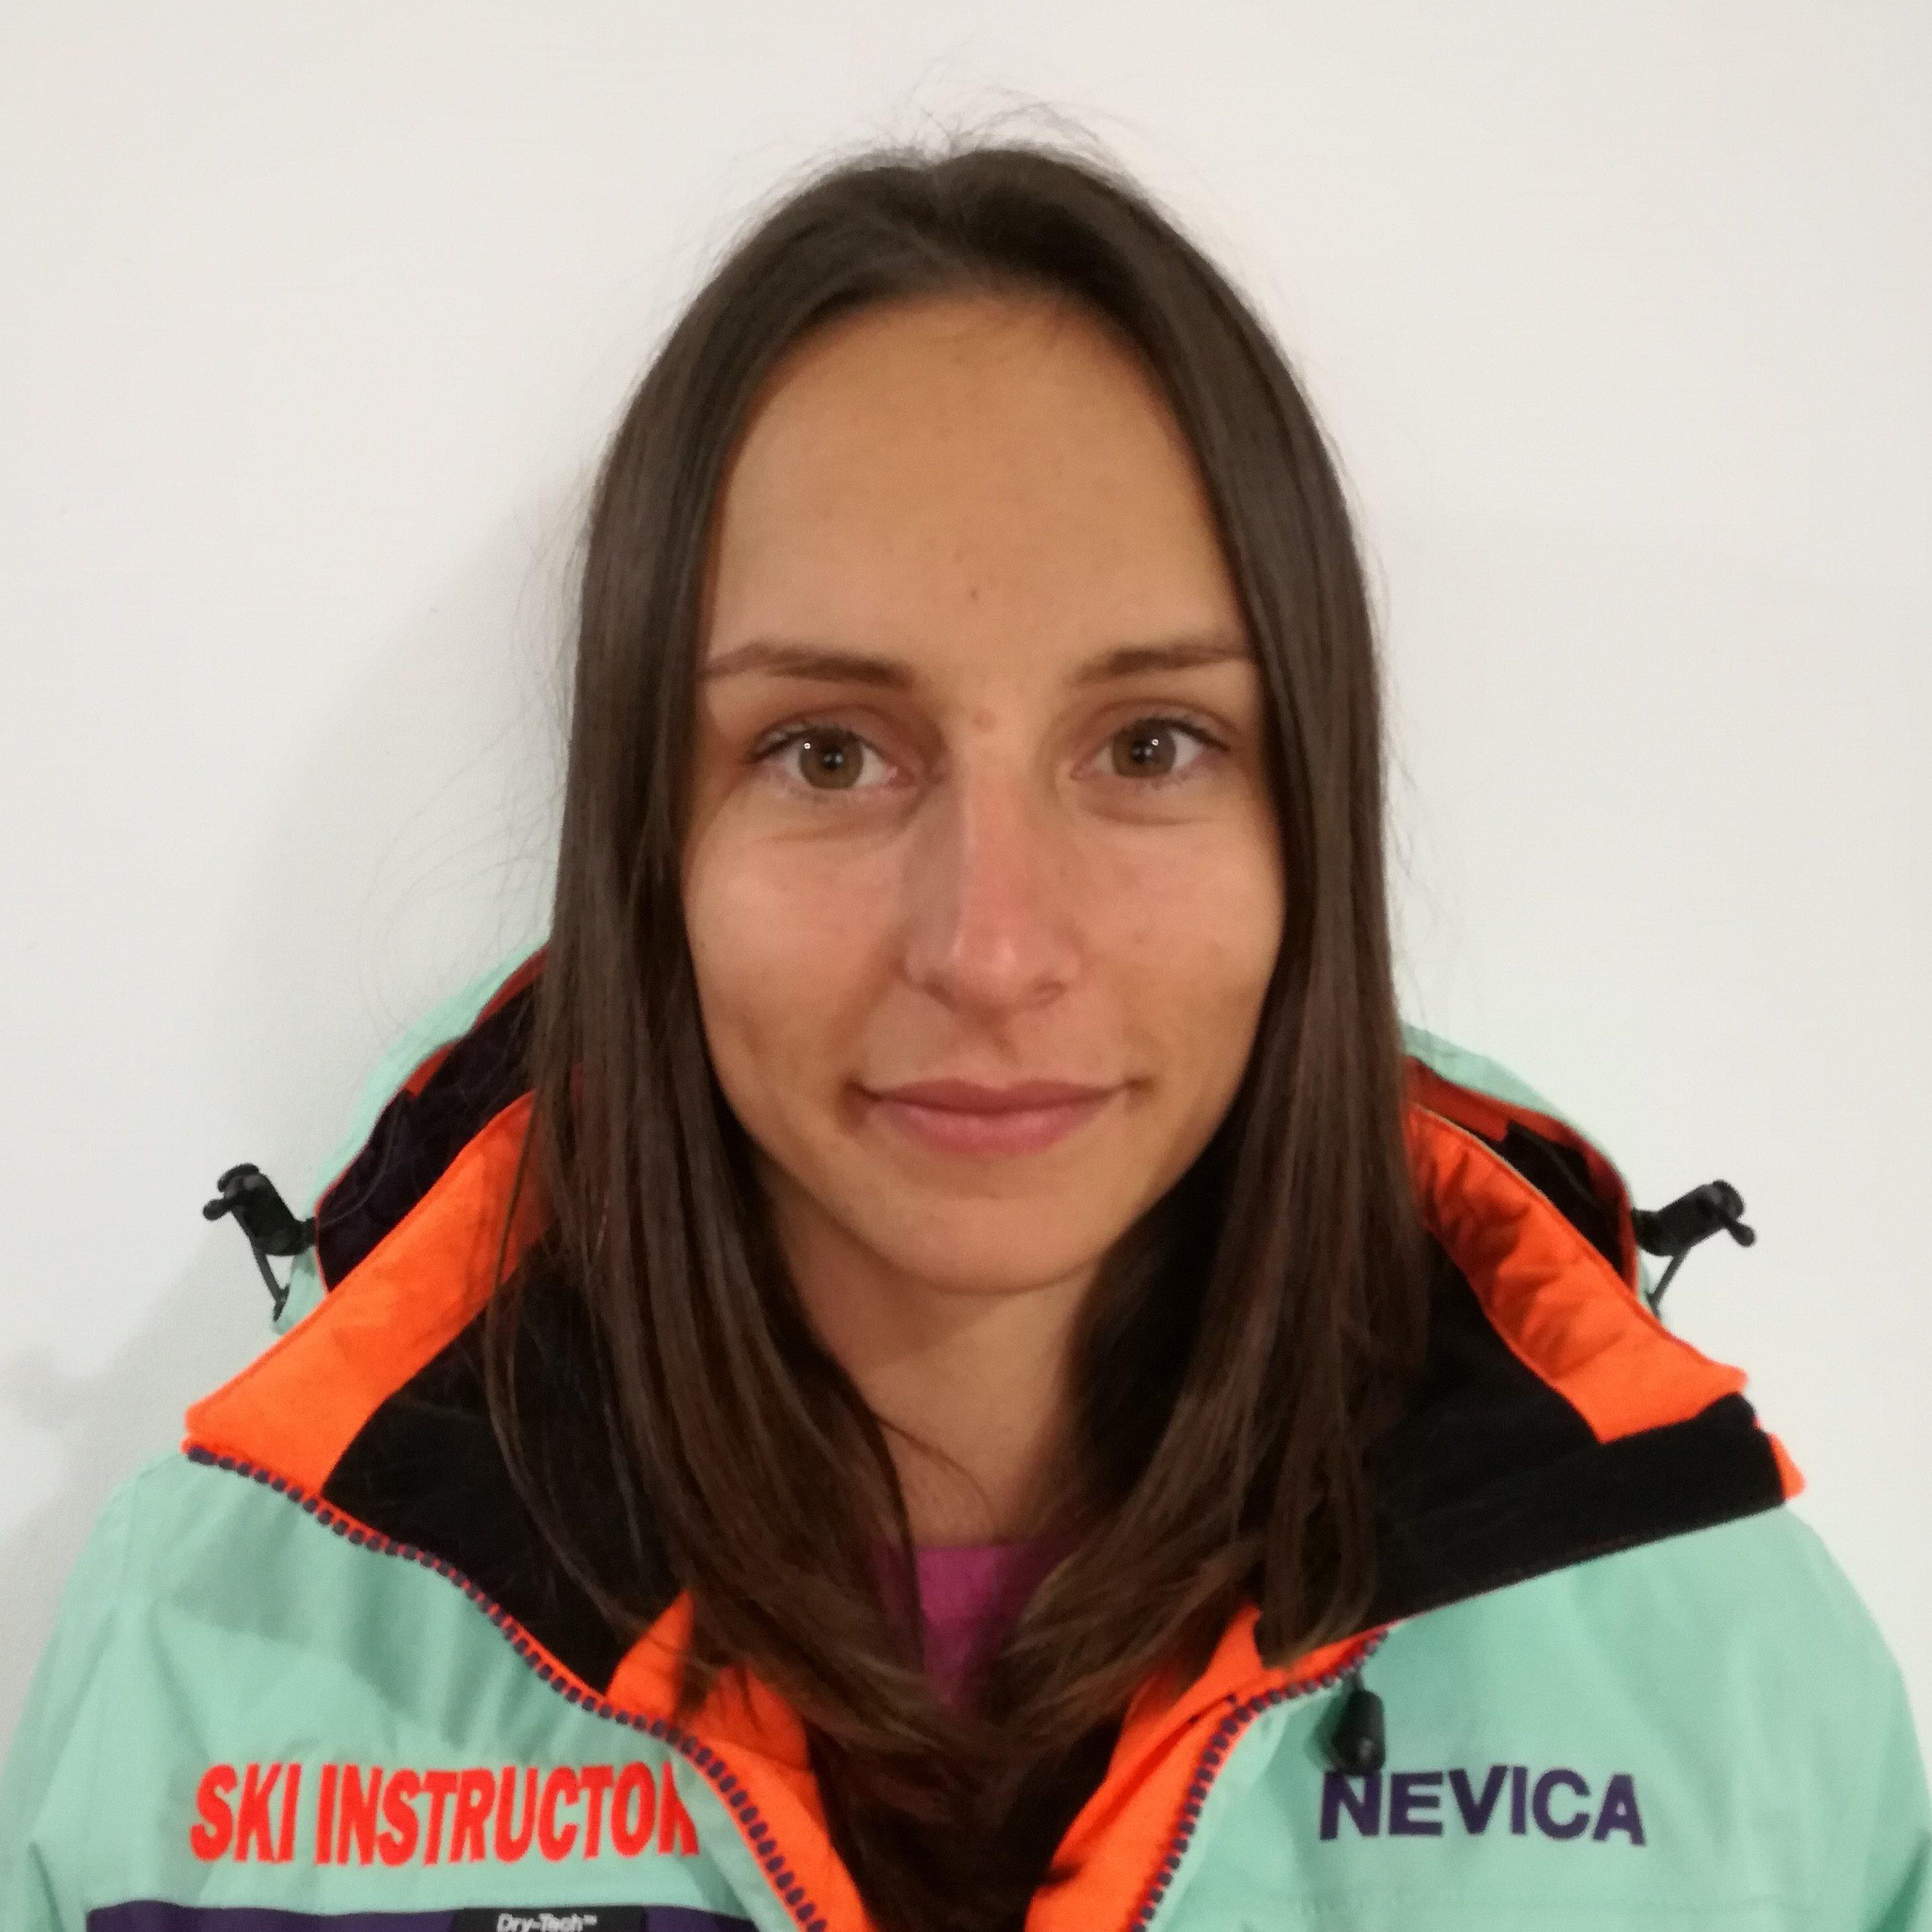 Monitor de ski & snowboard in Poiana Brasov la R&J Scoala Ski